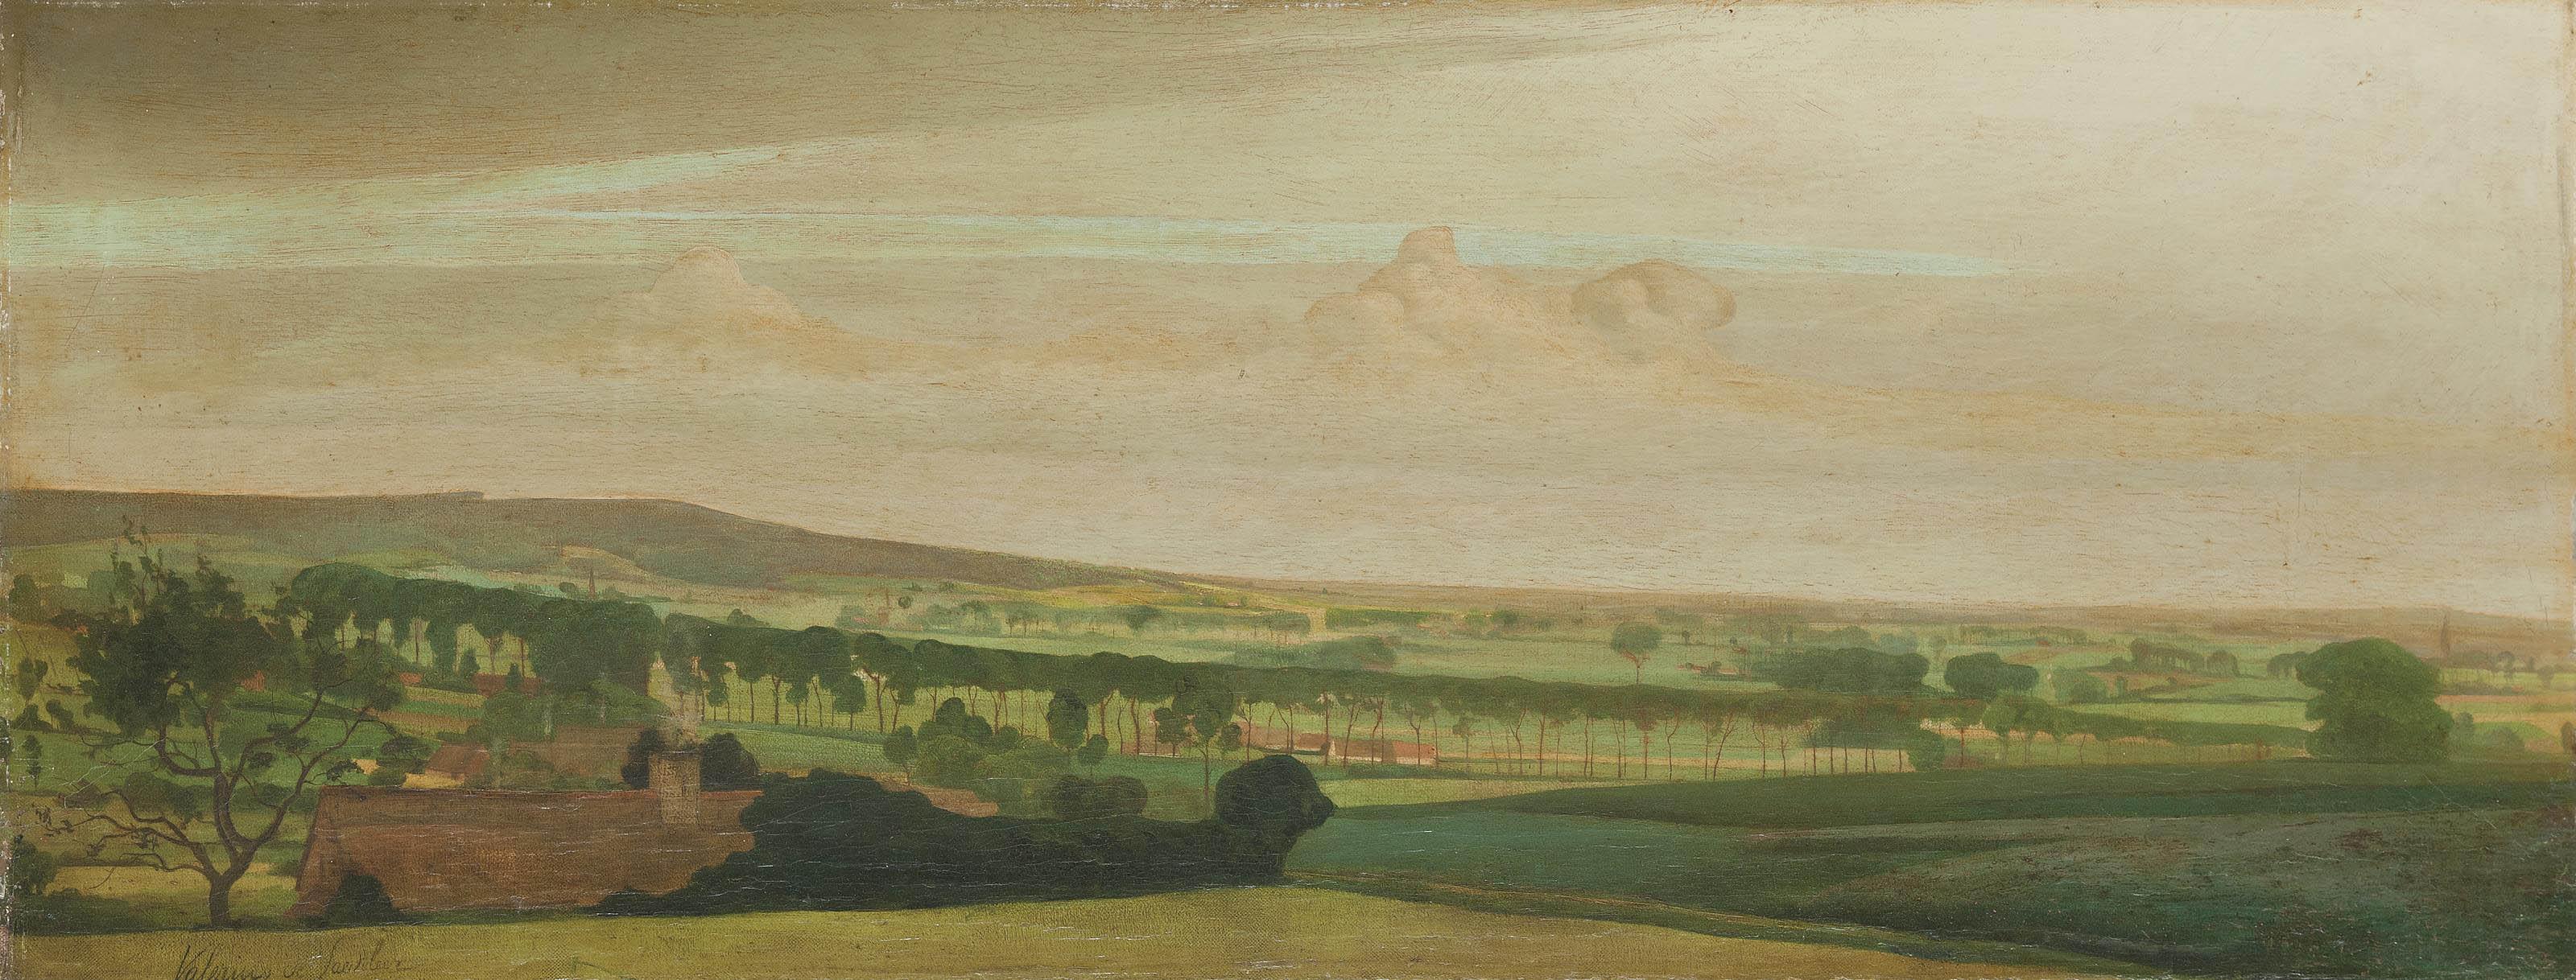 A panorama view of Tiegem